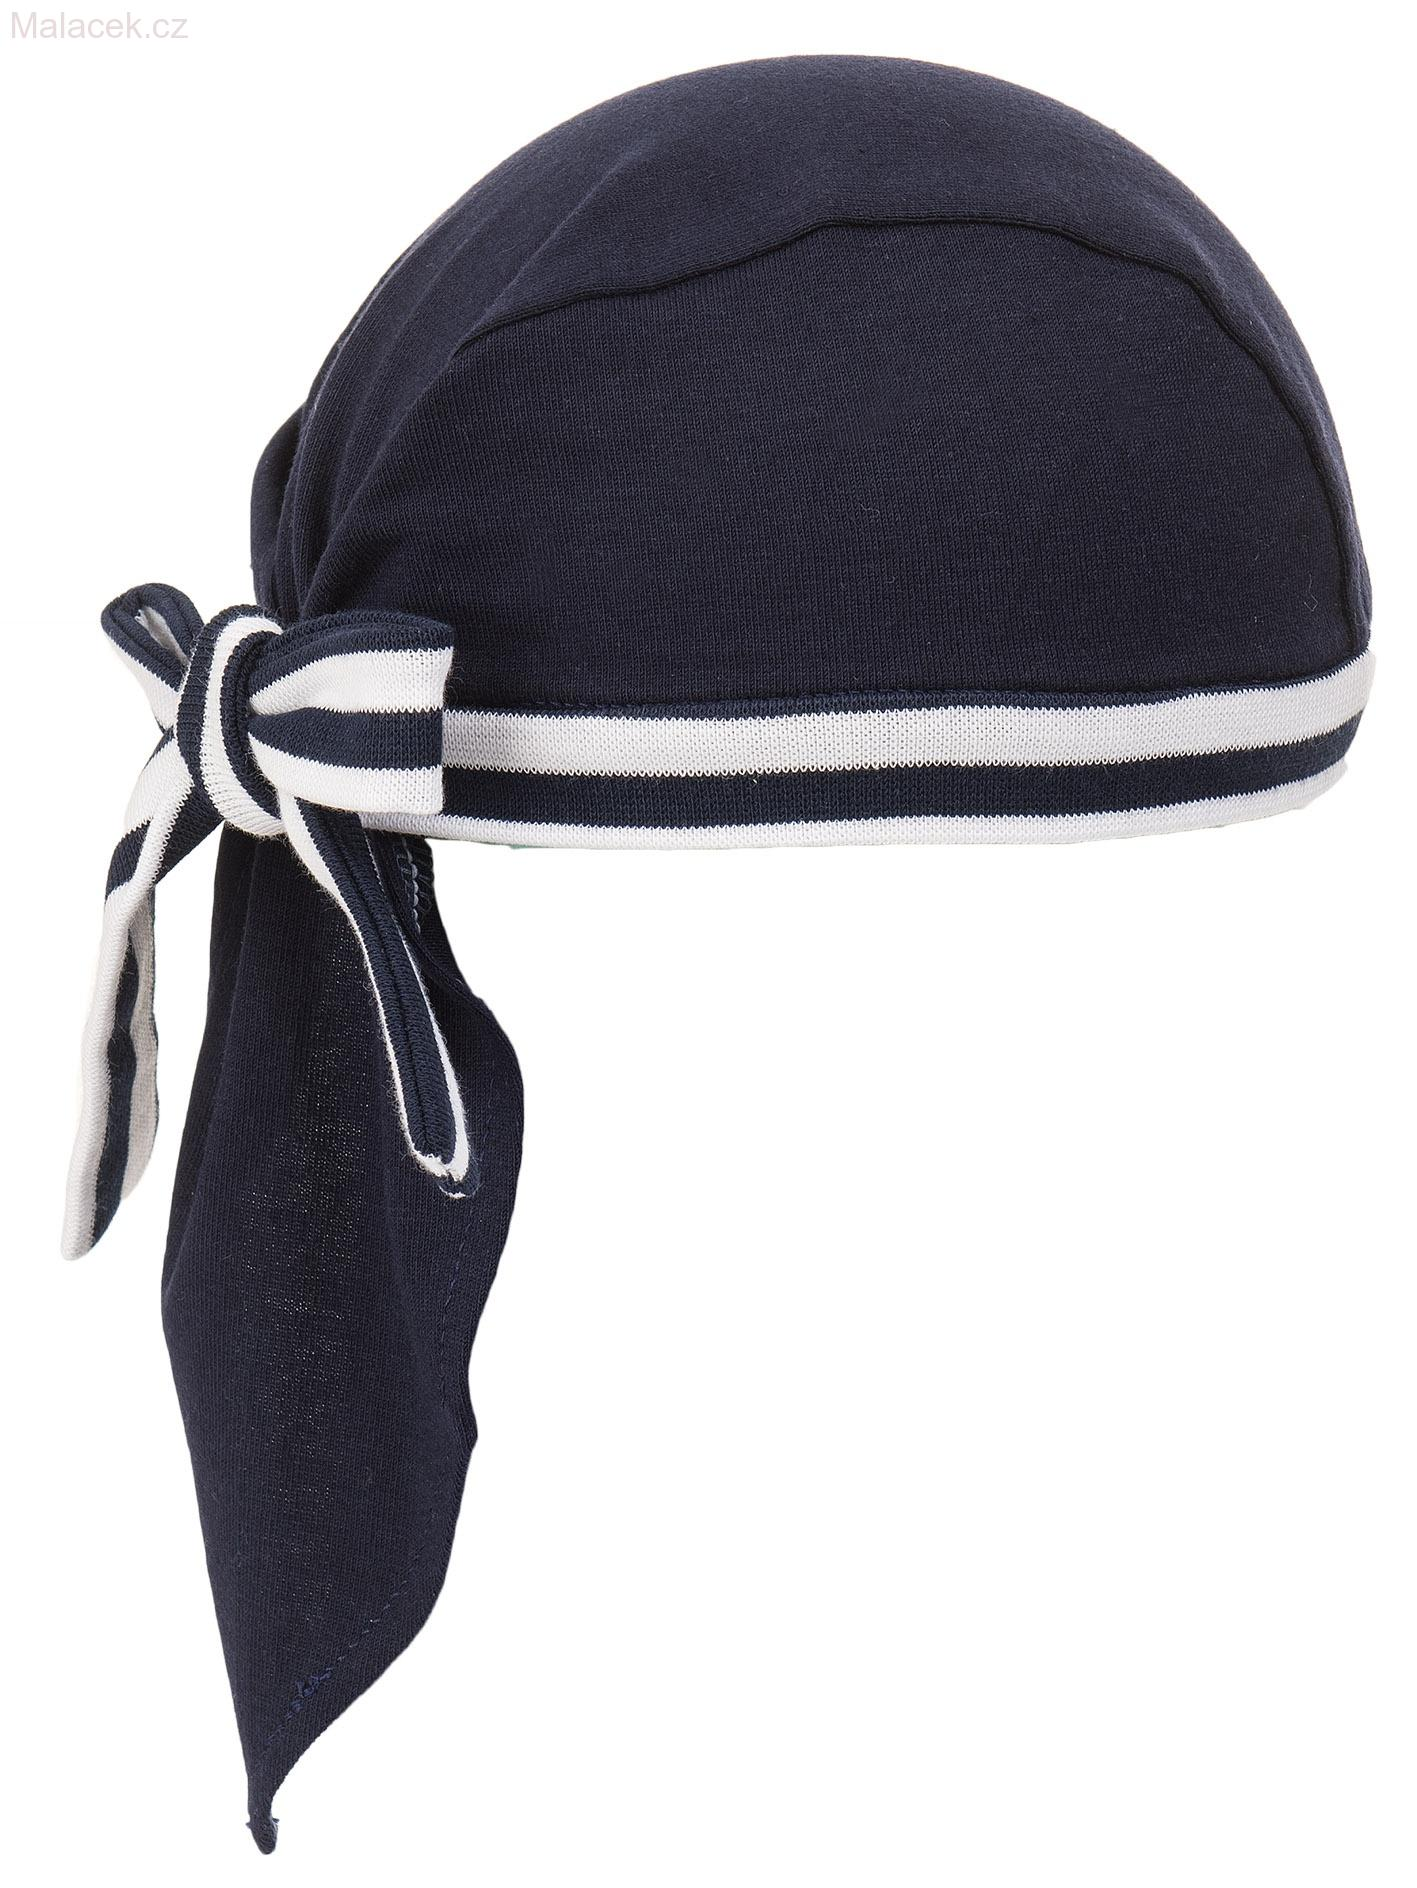 be17ae481d8 Pirátský šátek bez kšiltu námořnický